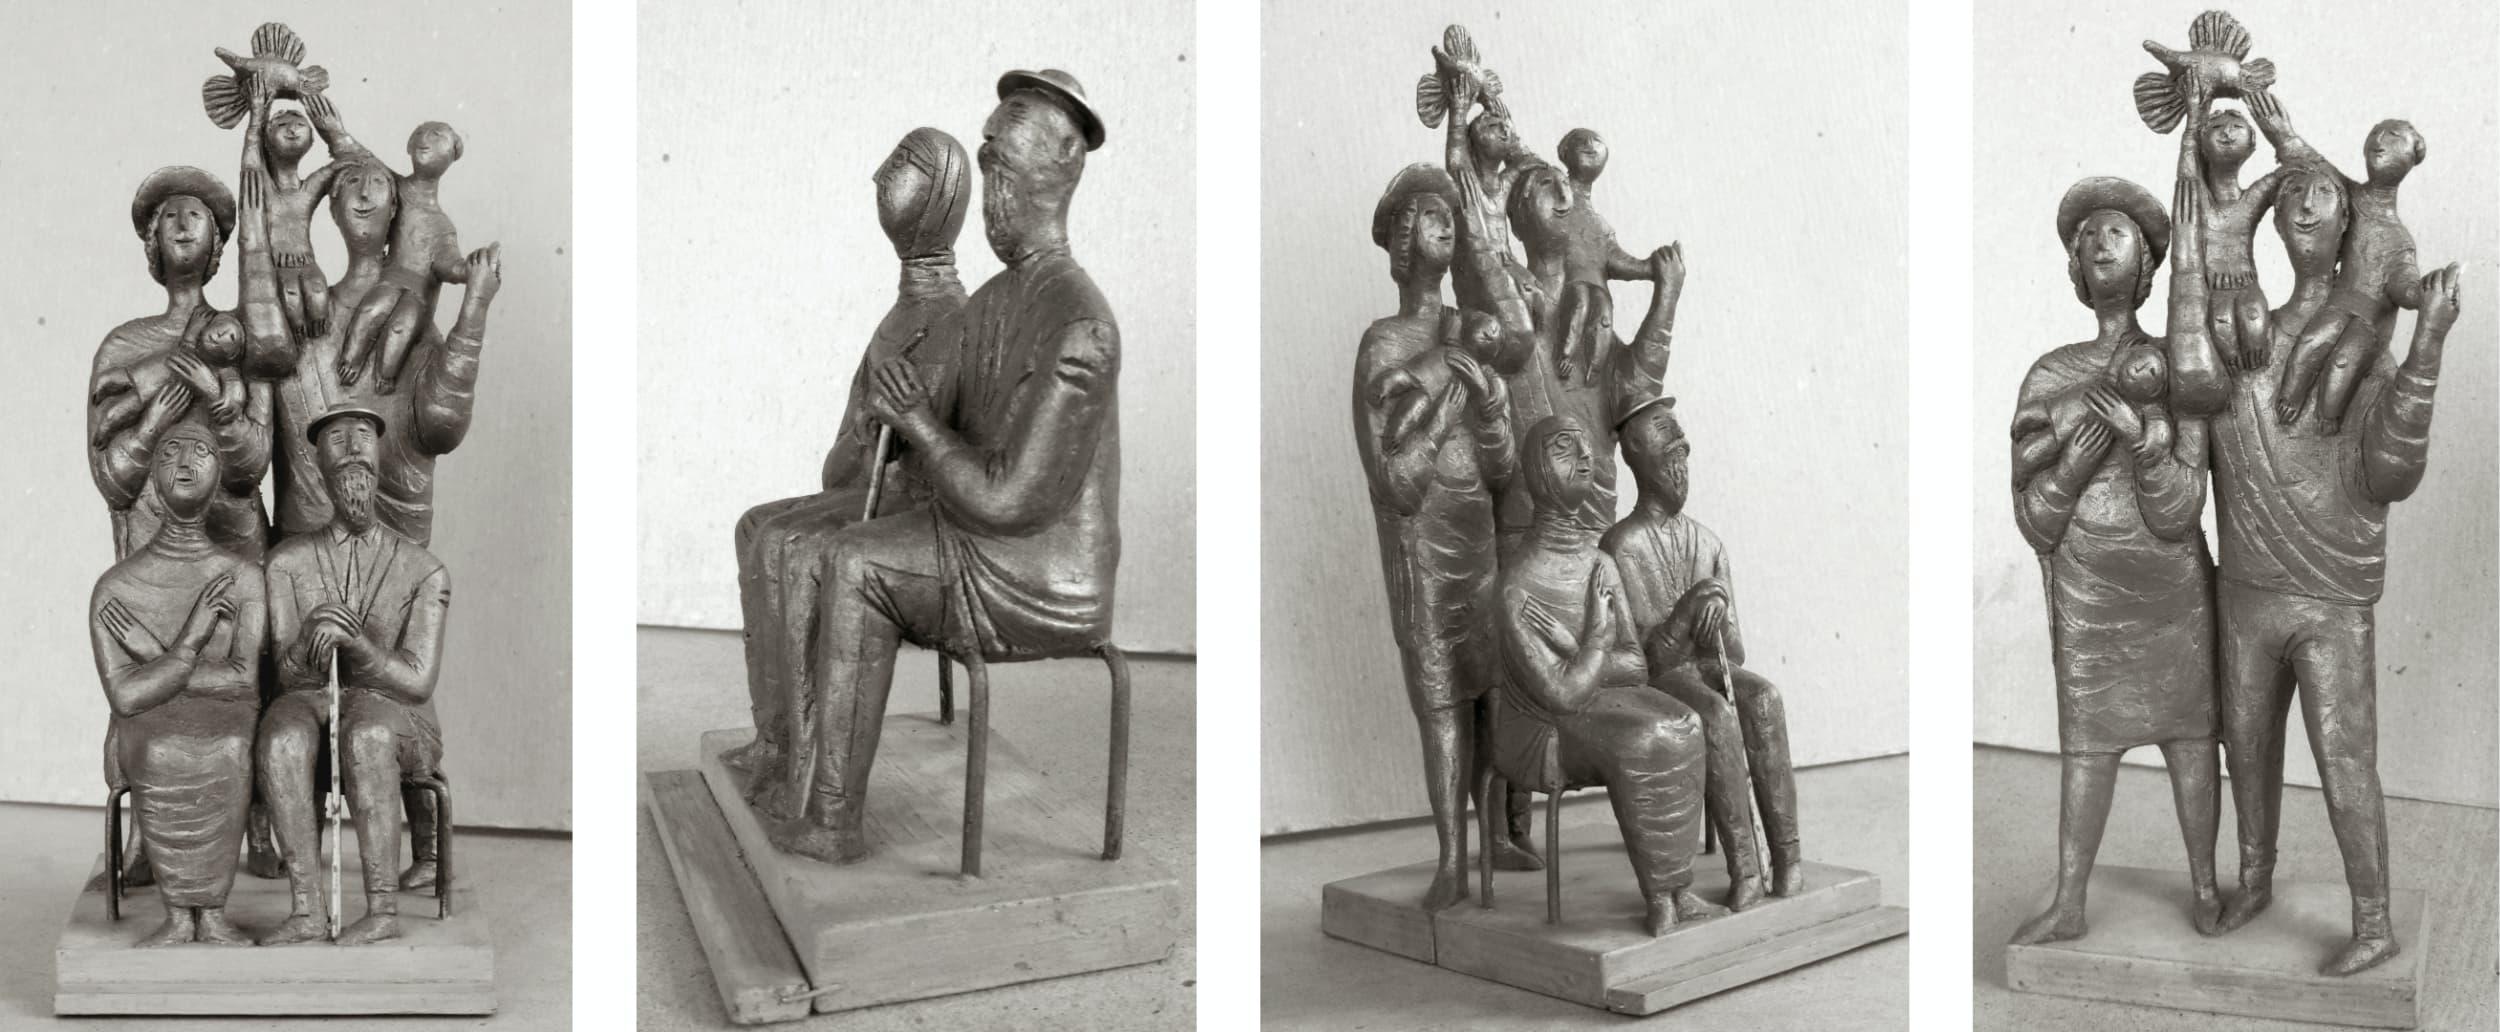 Борис Клочков, эскиз к скульптуре «Семья», 2013 (не осуществлено)